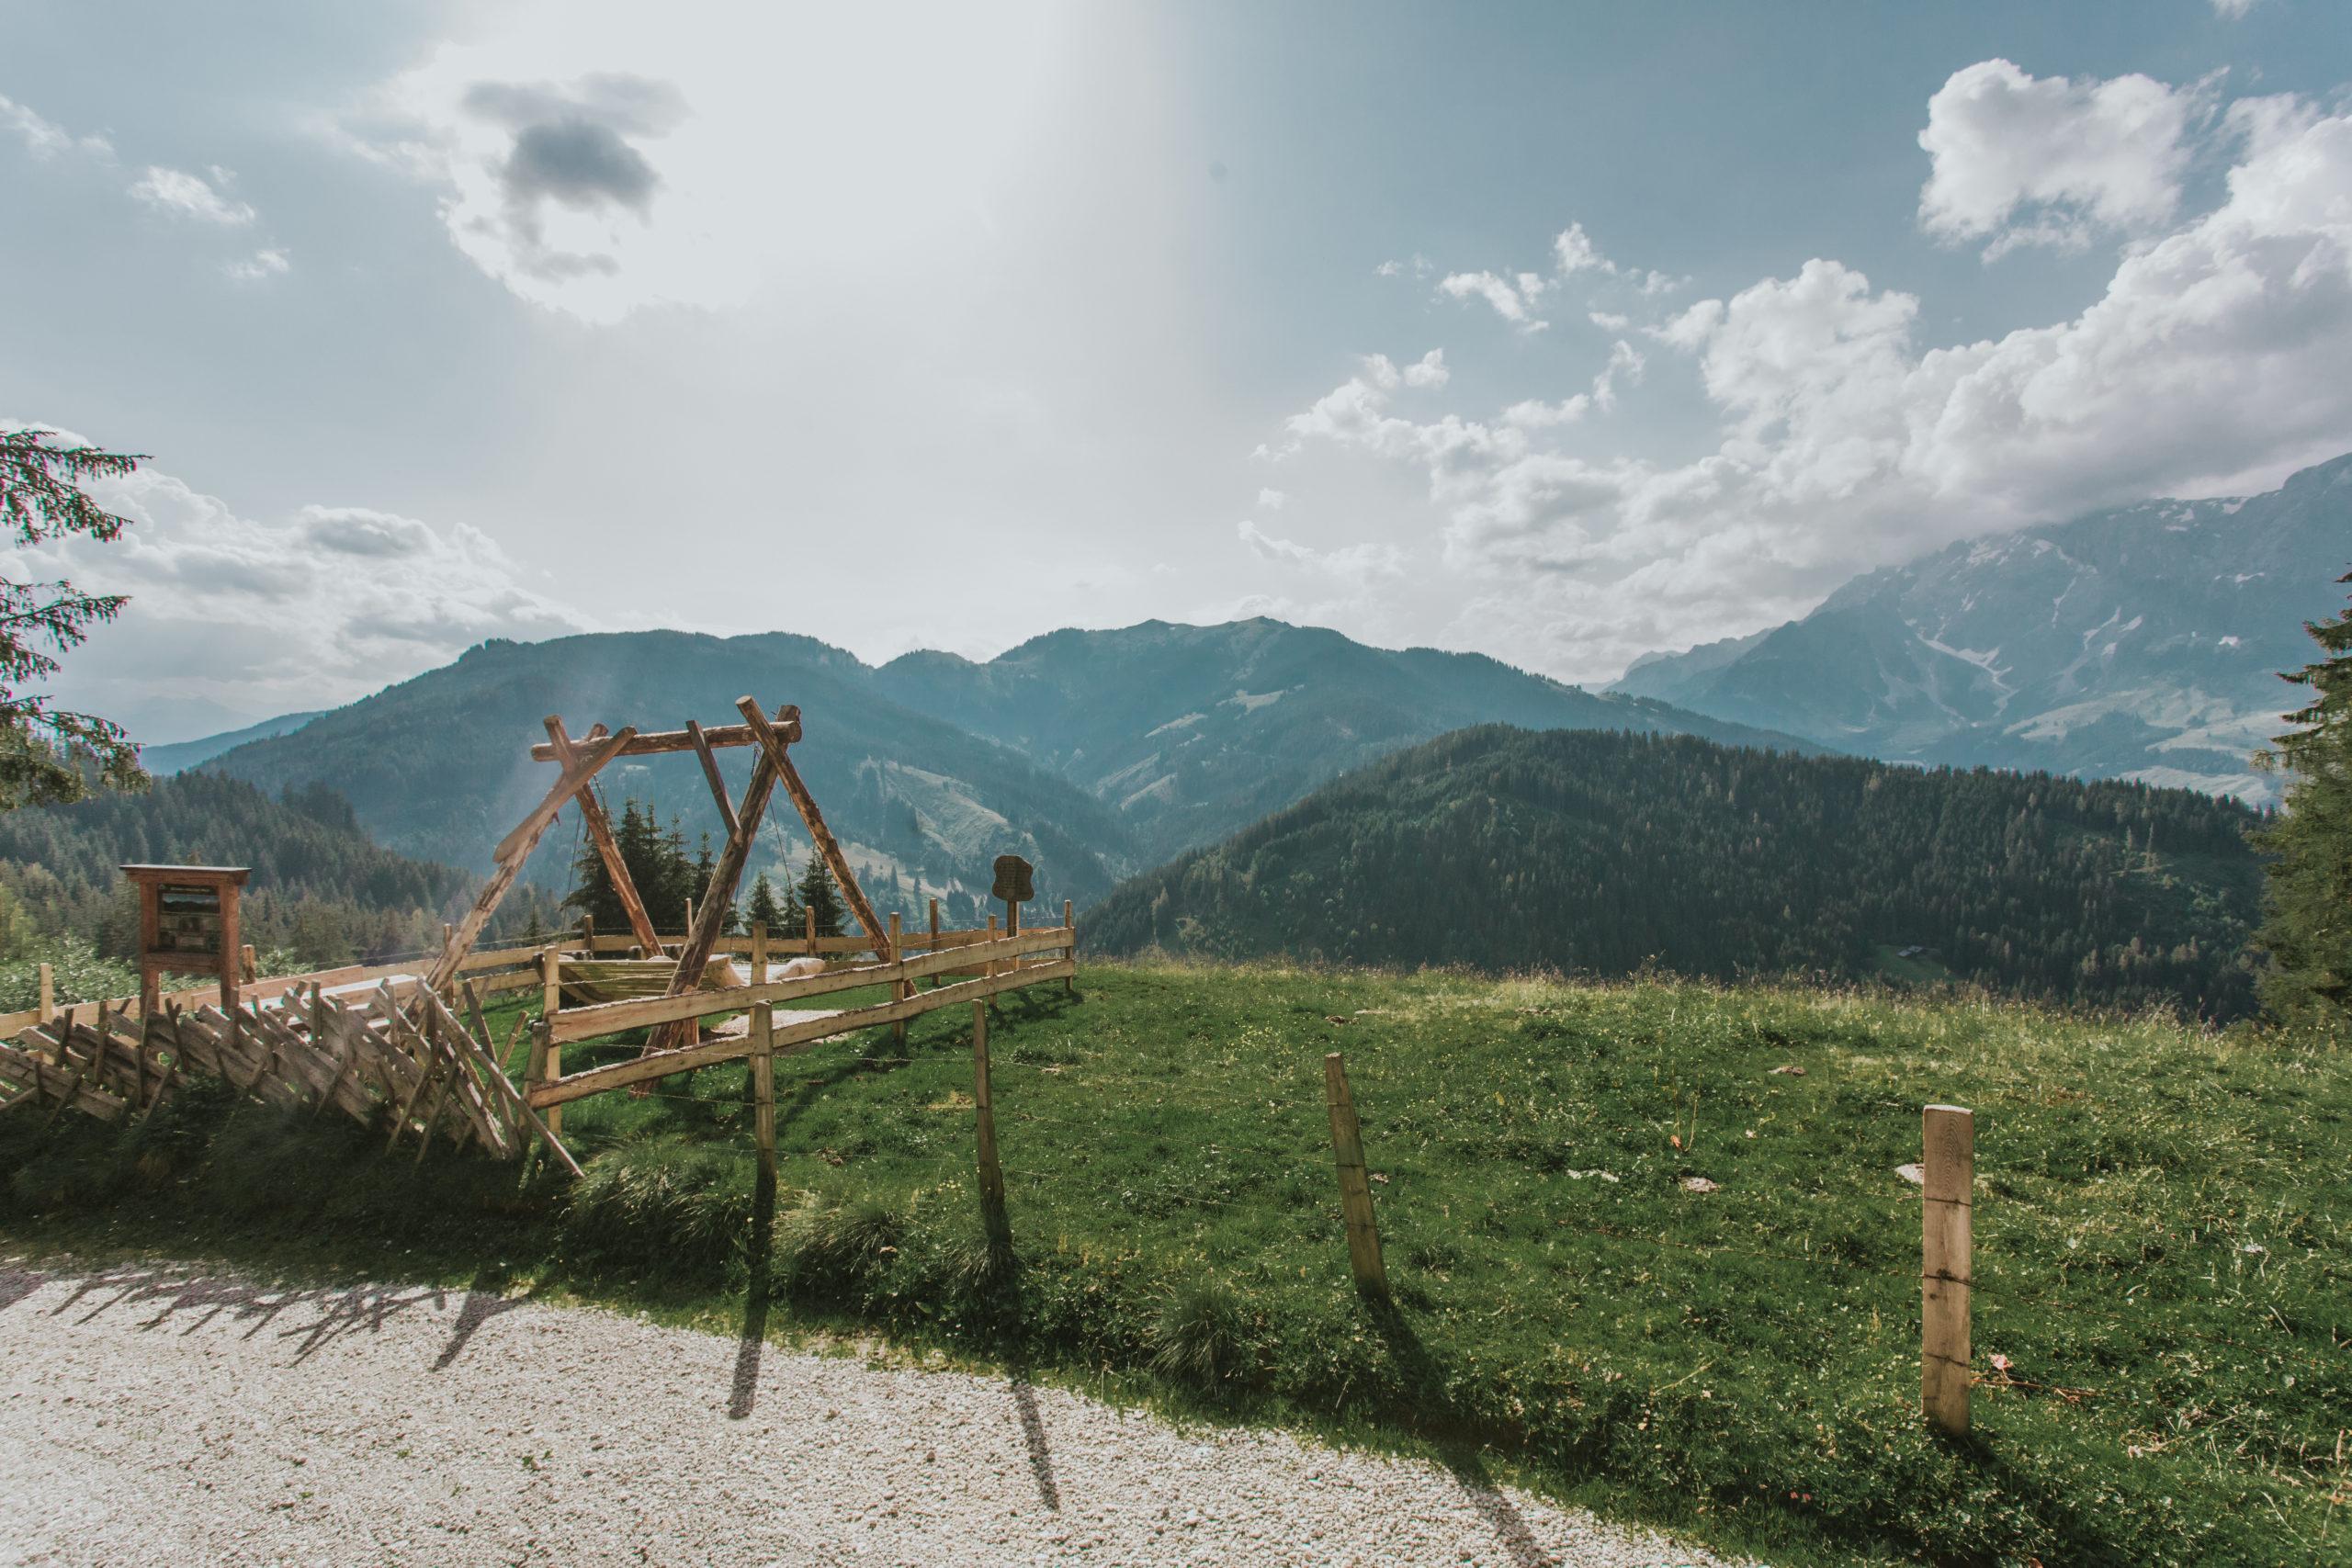 Eindrucksvolle Bergpanoramen genießen © Salzburger Sonnenterrasse